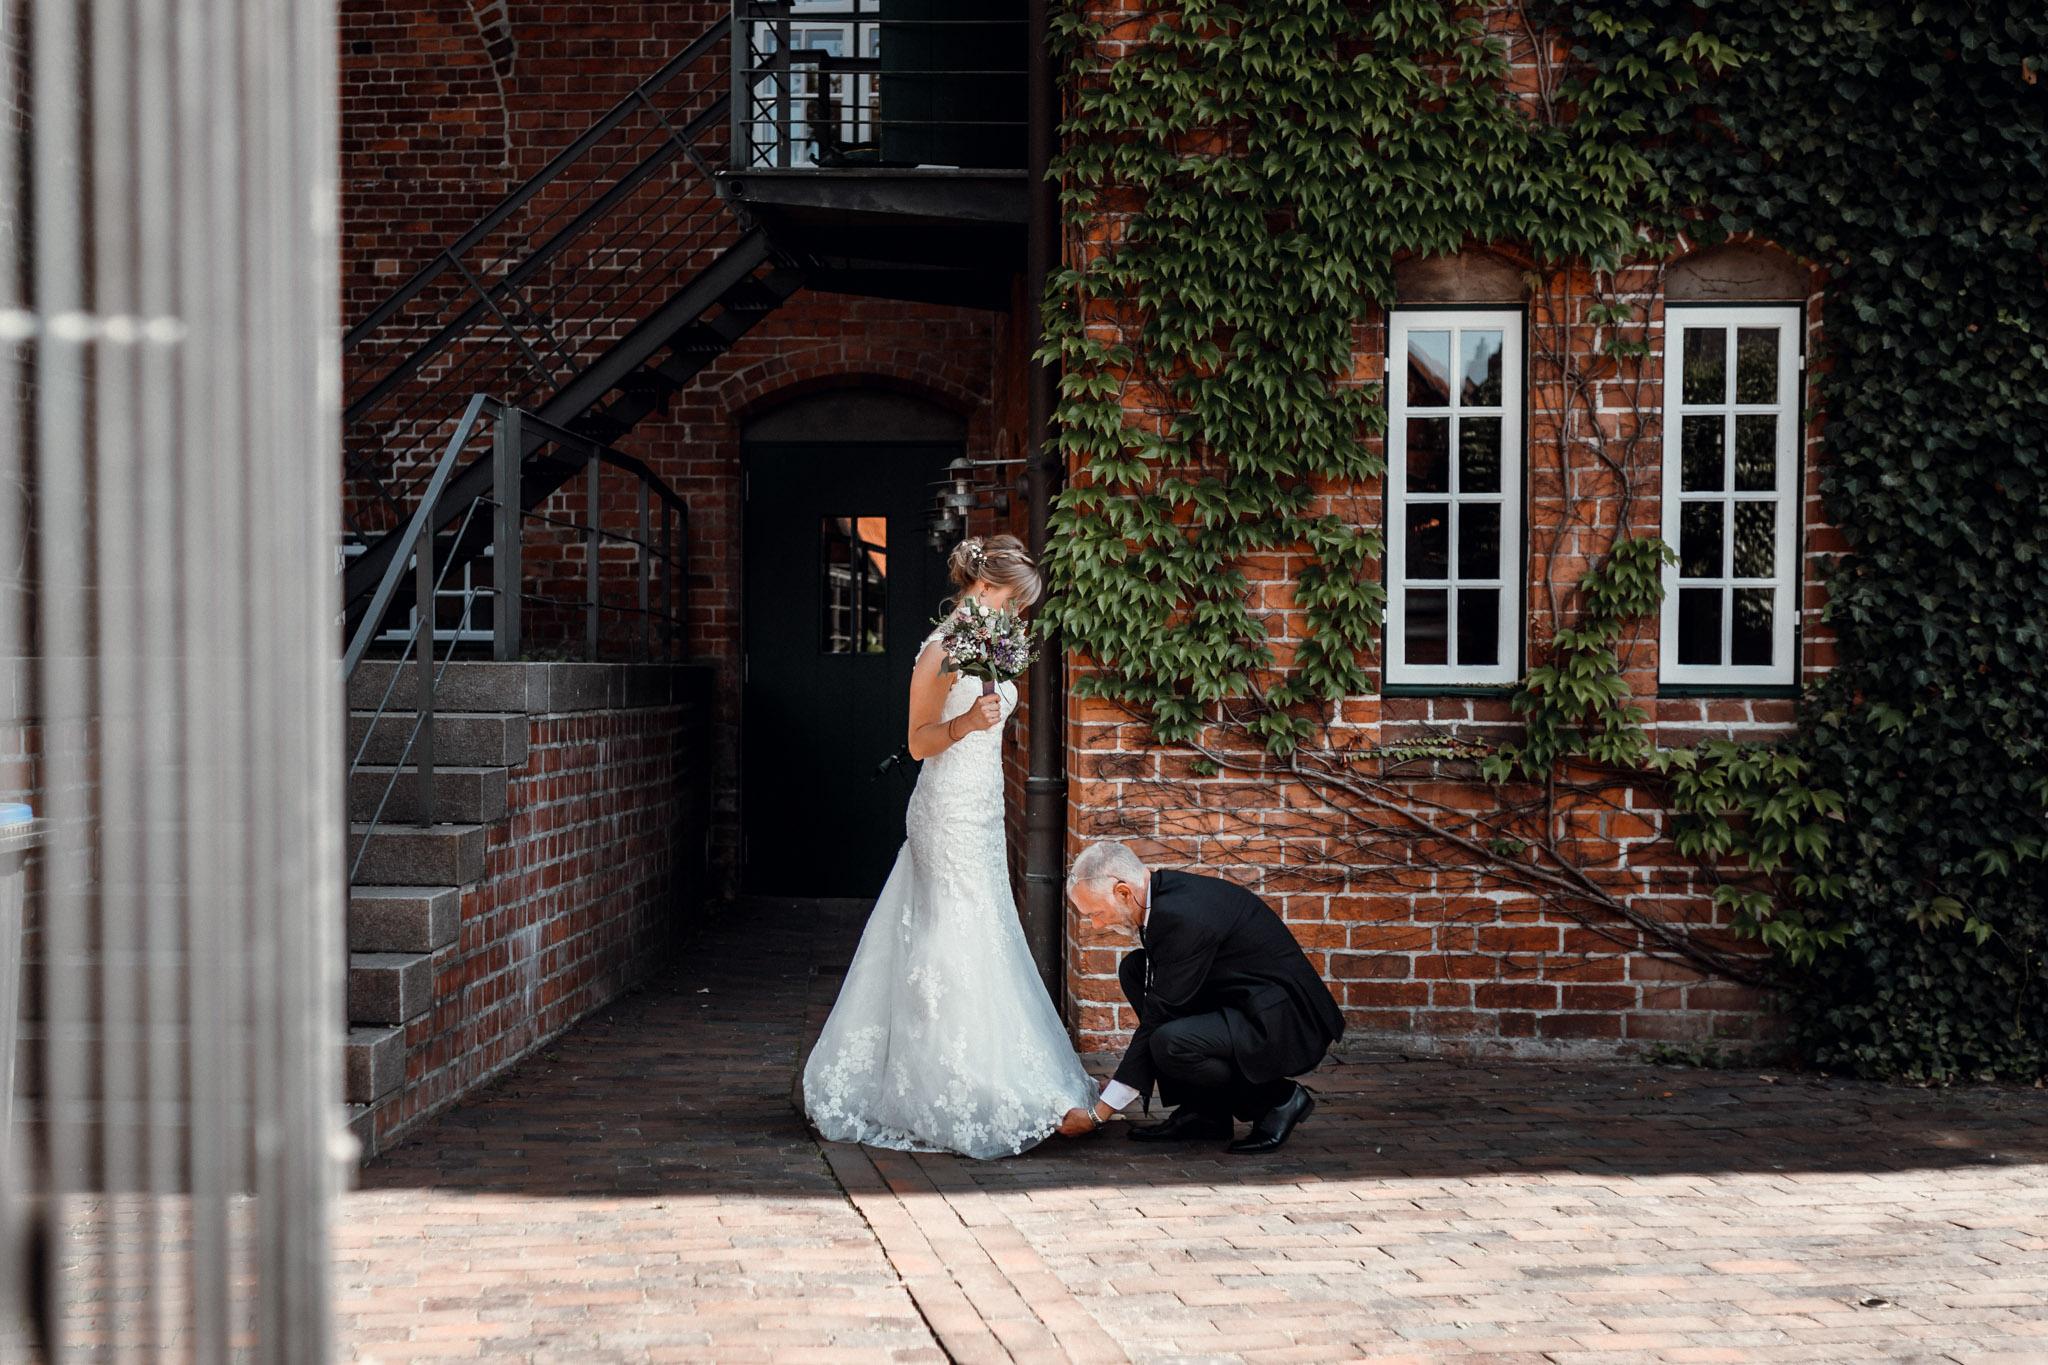 Sven Schomburg Hochzeitsfotografie, Hamburg, Mölln, Hochzeitsfieber by Photo-Schomburg, Hochzeitsreportage, Forsthaus Waldhusen, Braut, Bräutigam-19